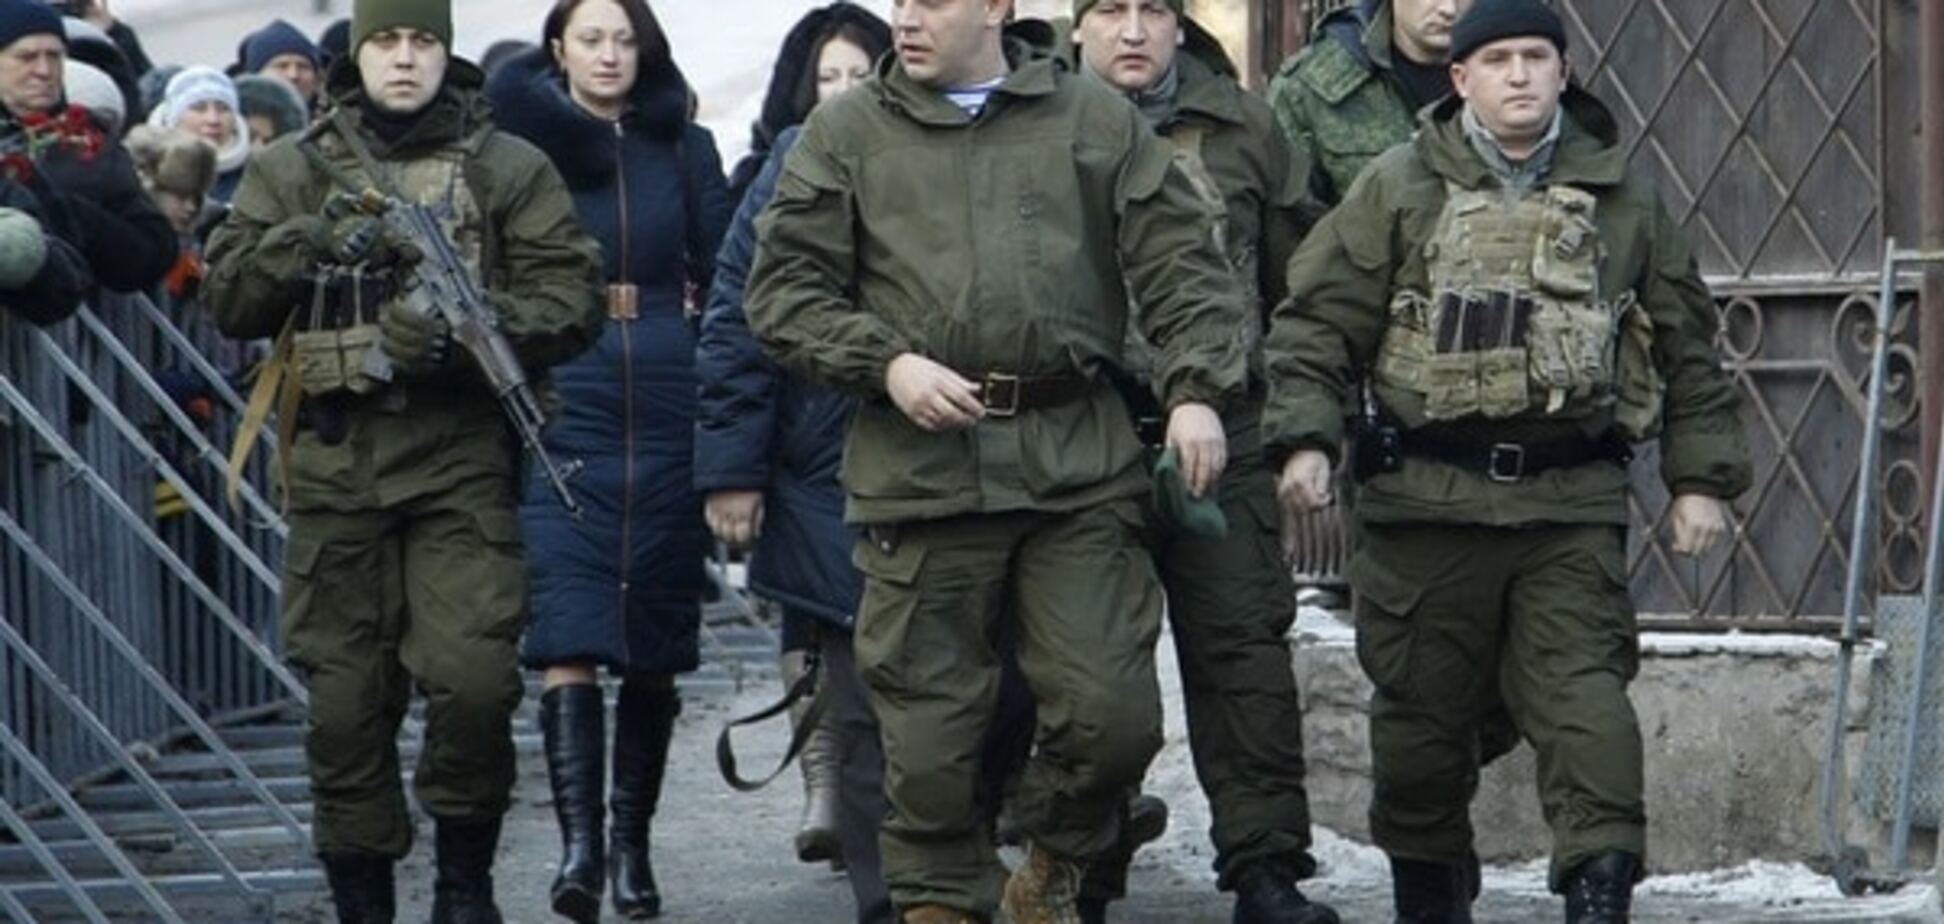 Терористи злякалися 'груп ліквідаторів' зі знищення лідерів 'ДНР'